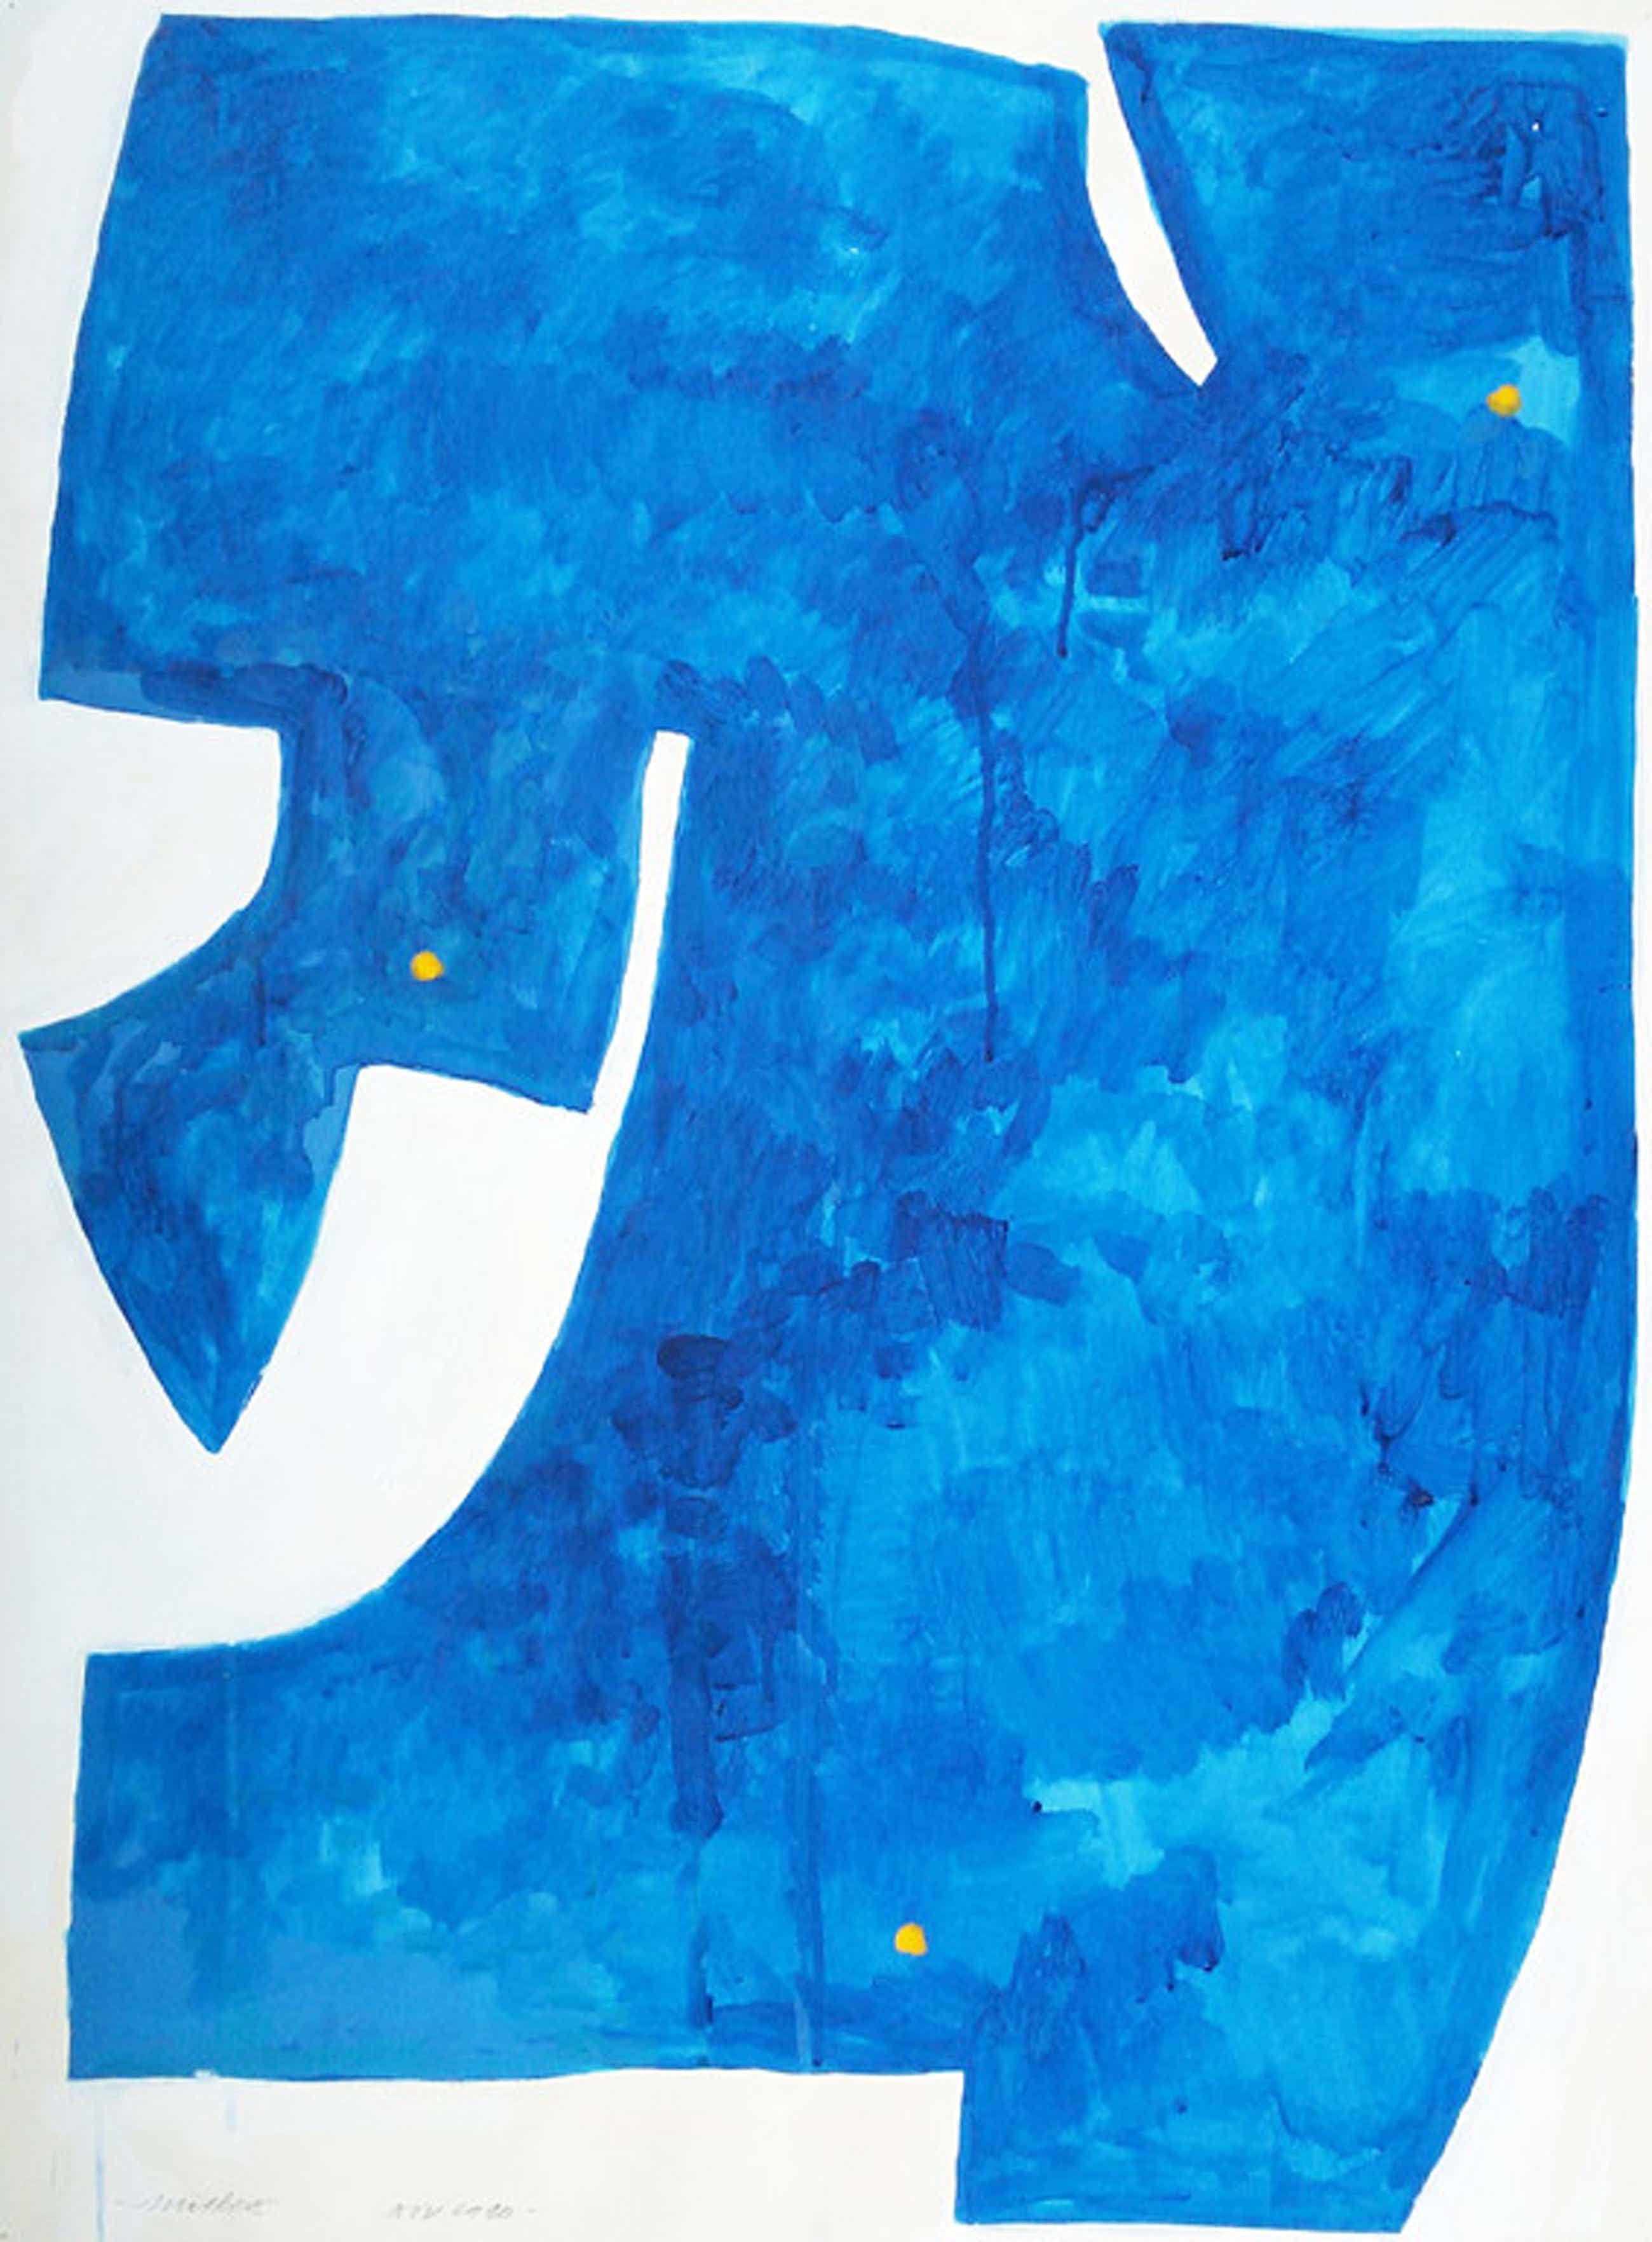 Willem Snitker - Big Blue, gouache kopen? Bied vanaf 60!